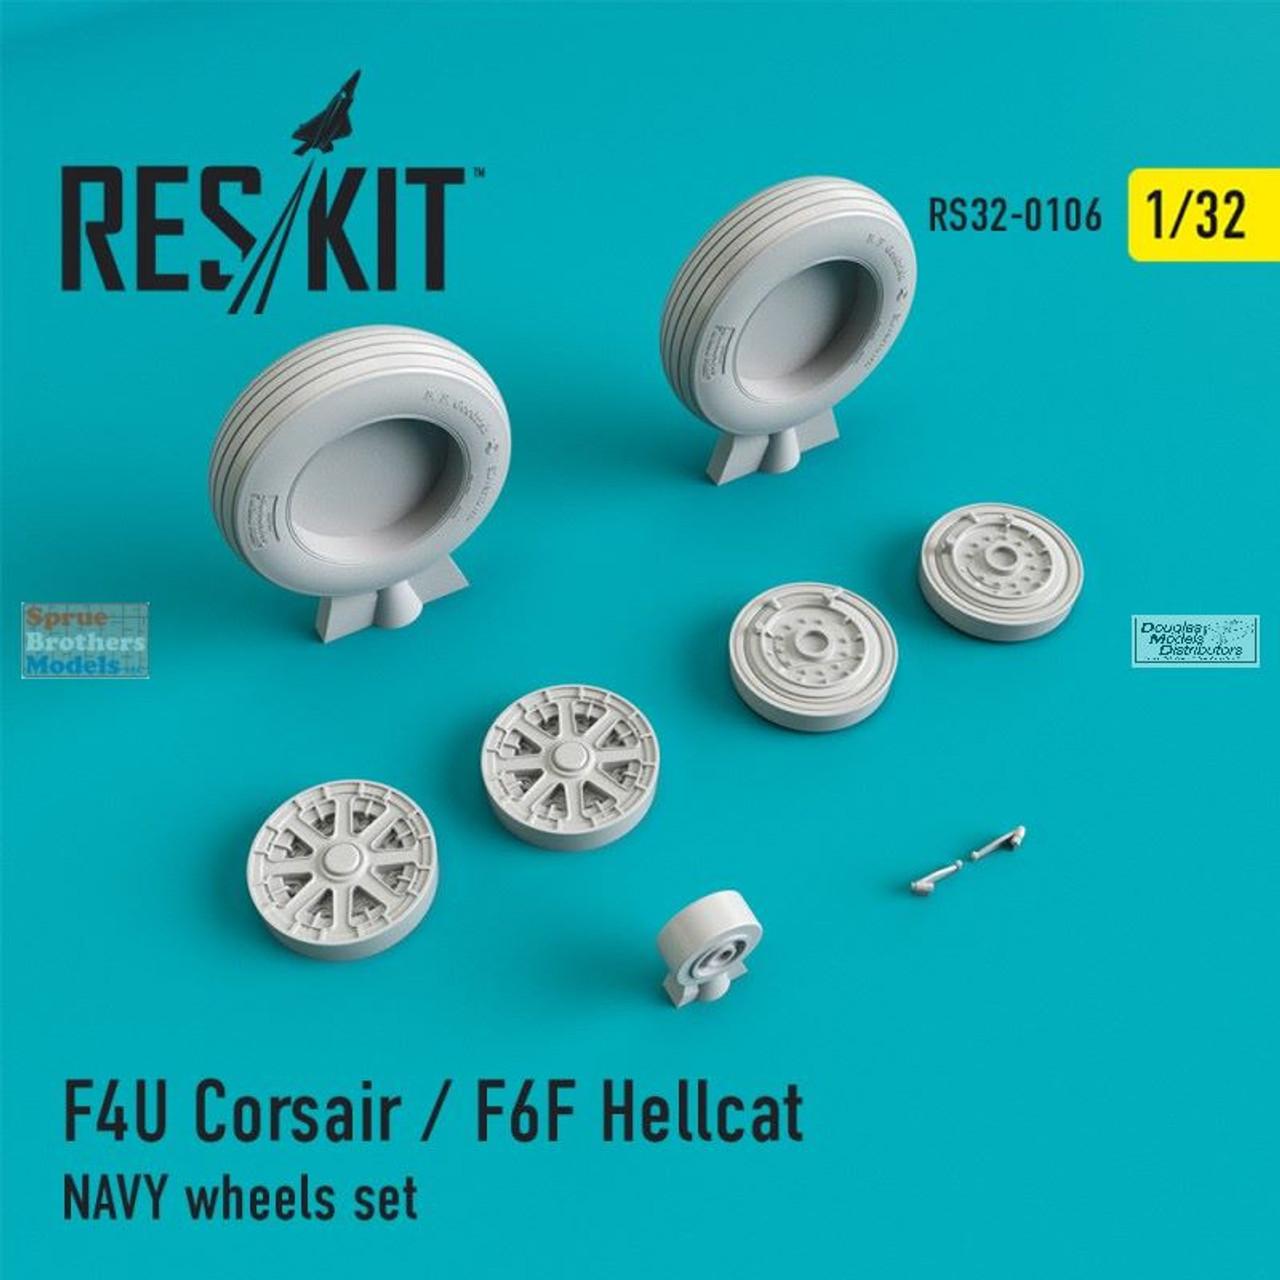 RESRS320106 1:32 ResKit F4U Corsair / F6F Hellcat Navy Wheels Set